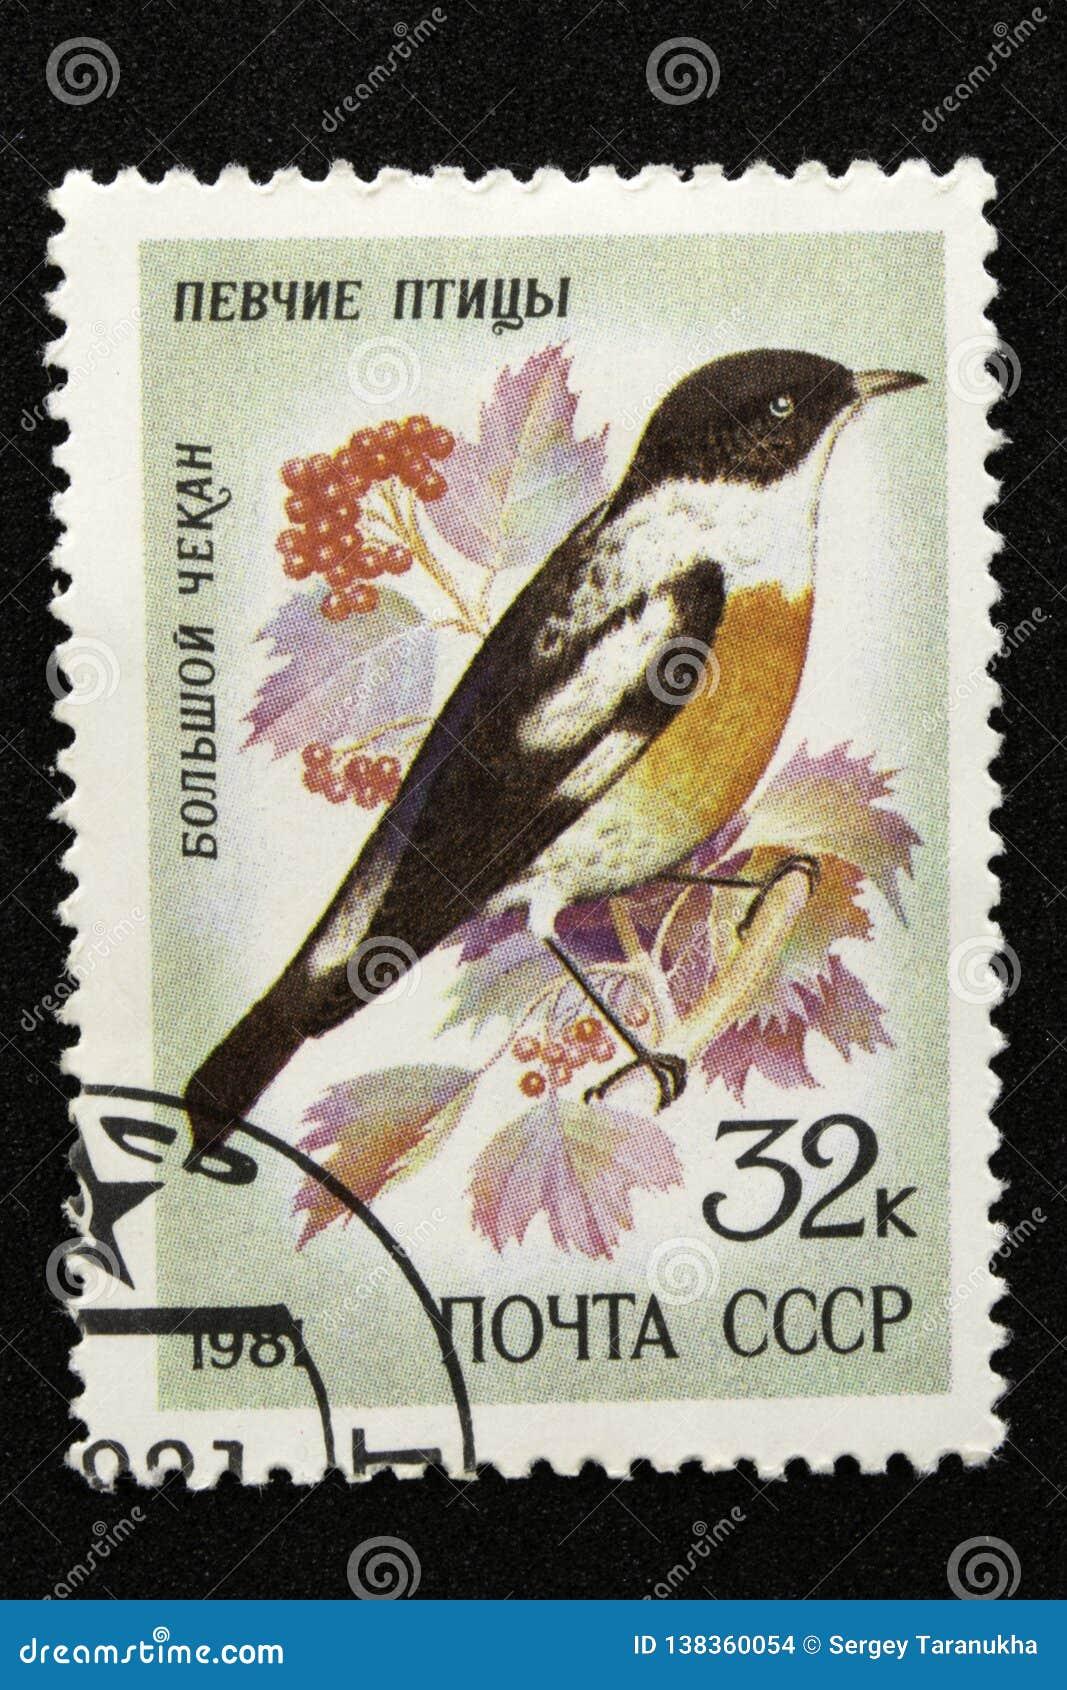 El sello de URSS, serie - Songbirds, 1981